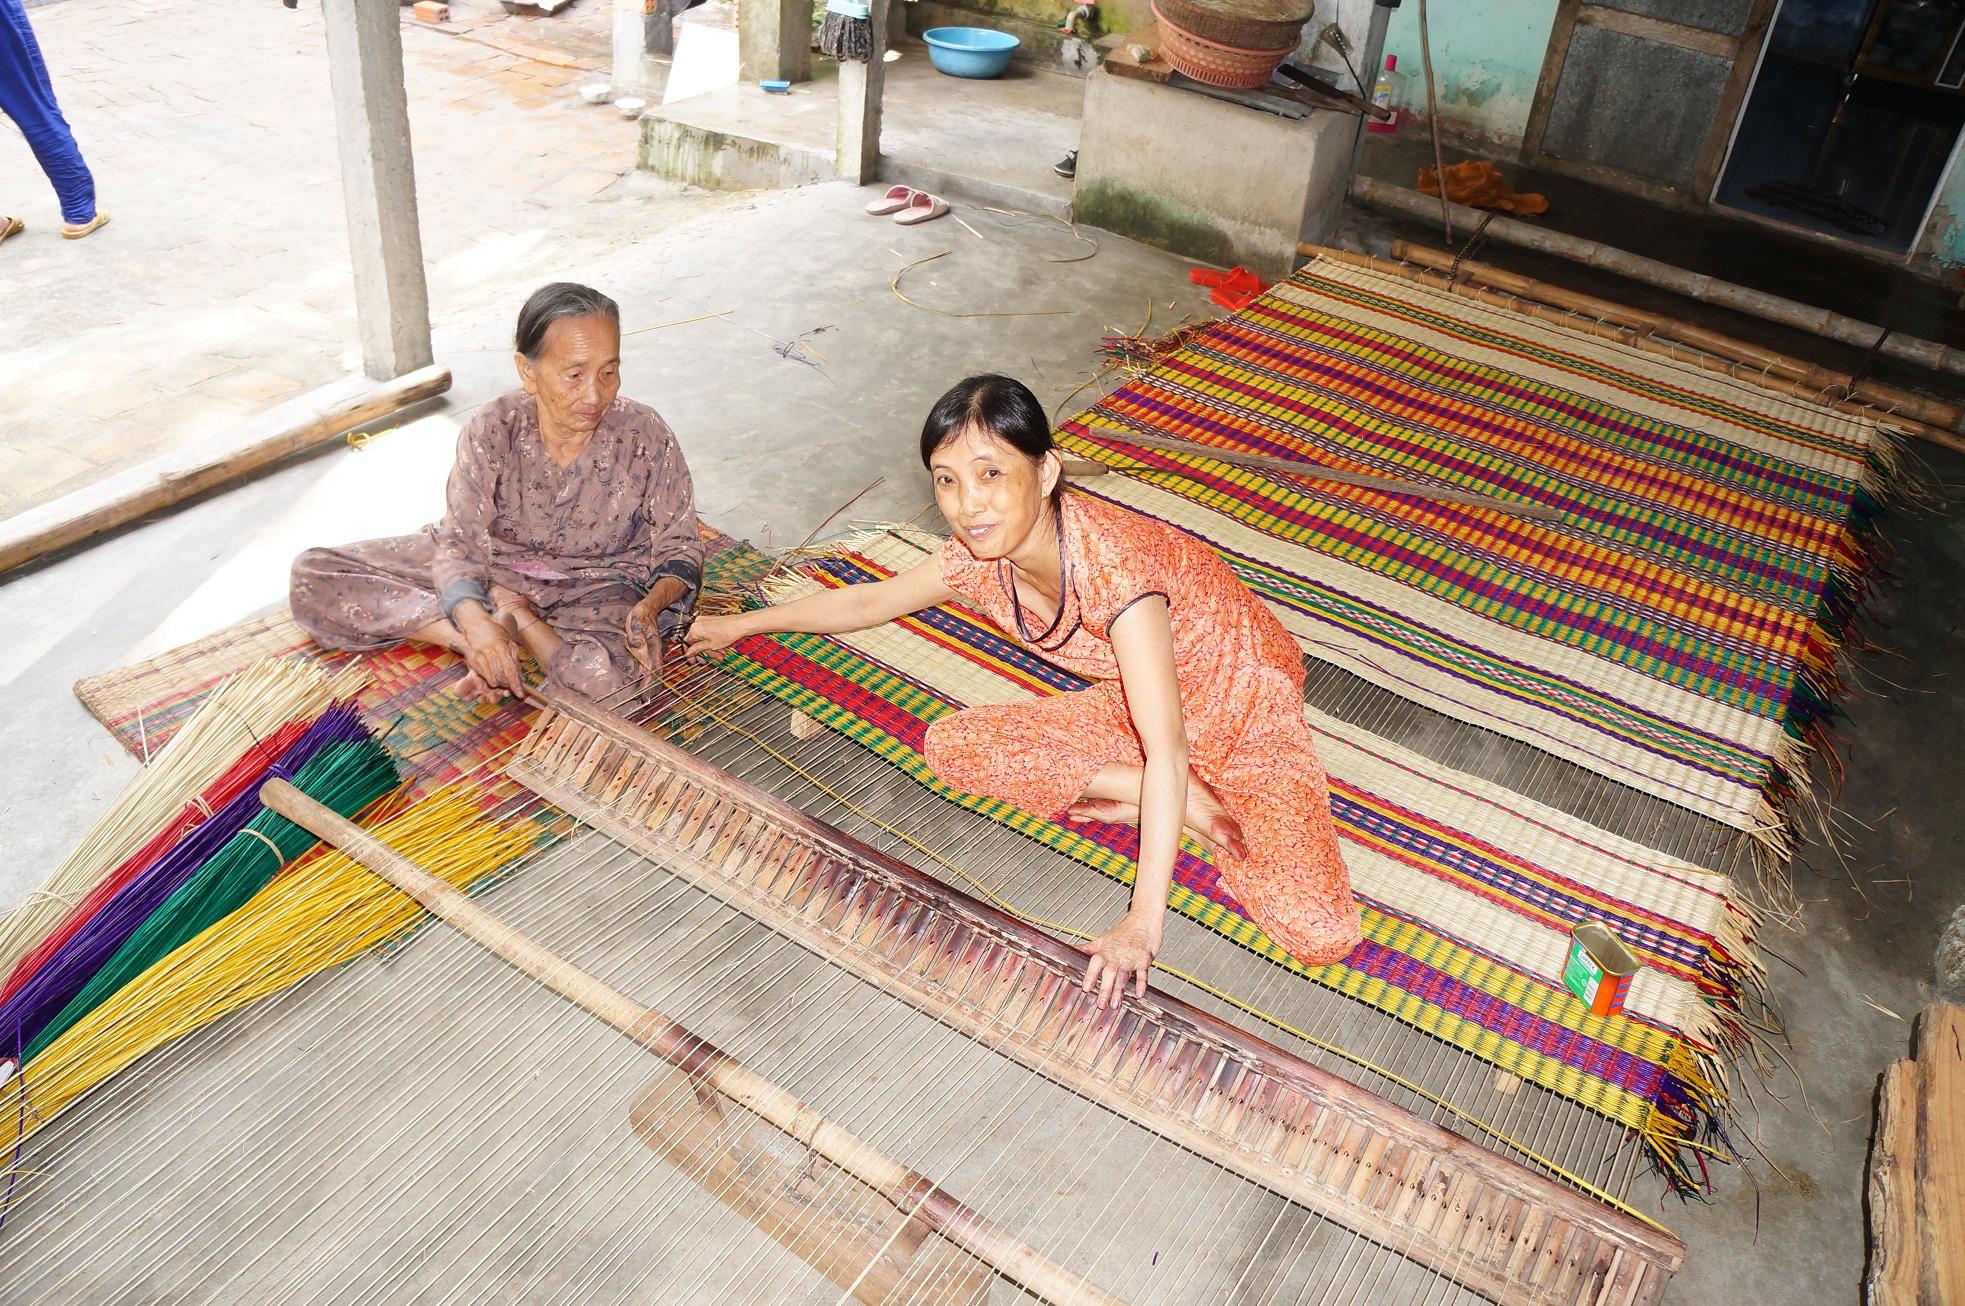 Ngân hàng Nhà nước Việt Nam - Hiến kế giúp người dân miền Trung - Tây Nguyên khắc phục sau bão, lũ - Ảnh 9.